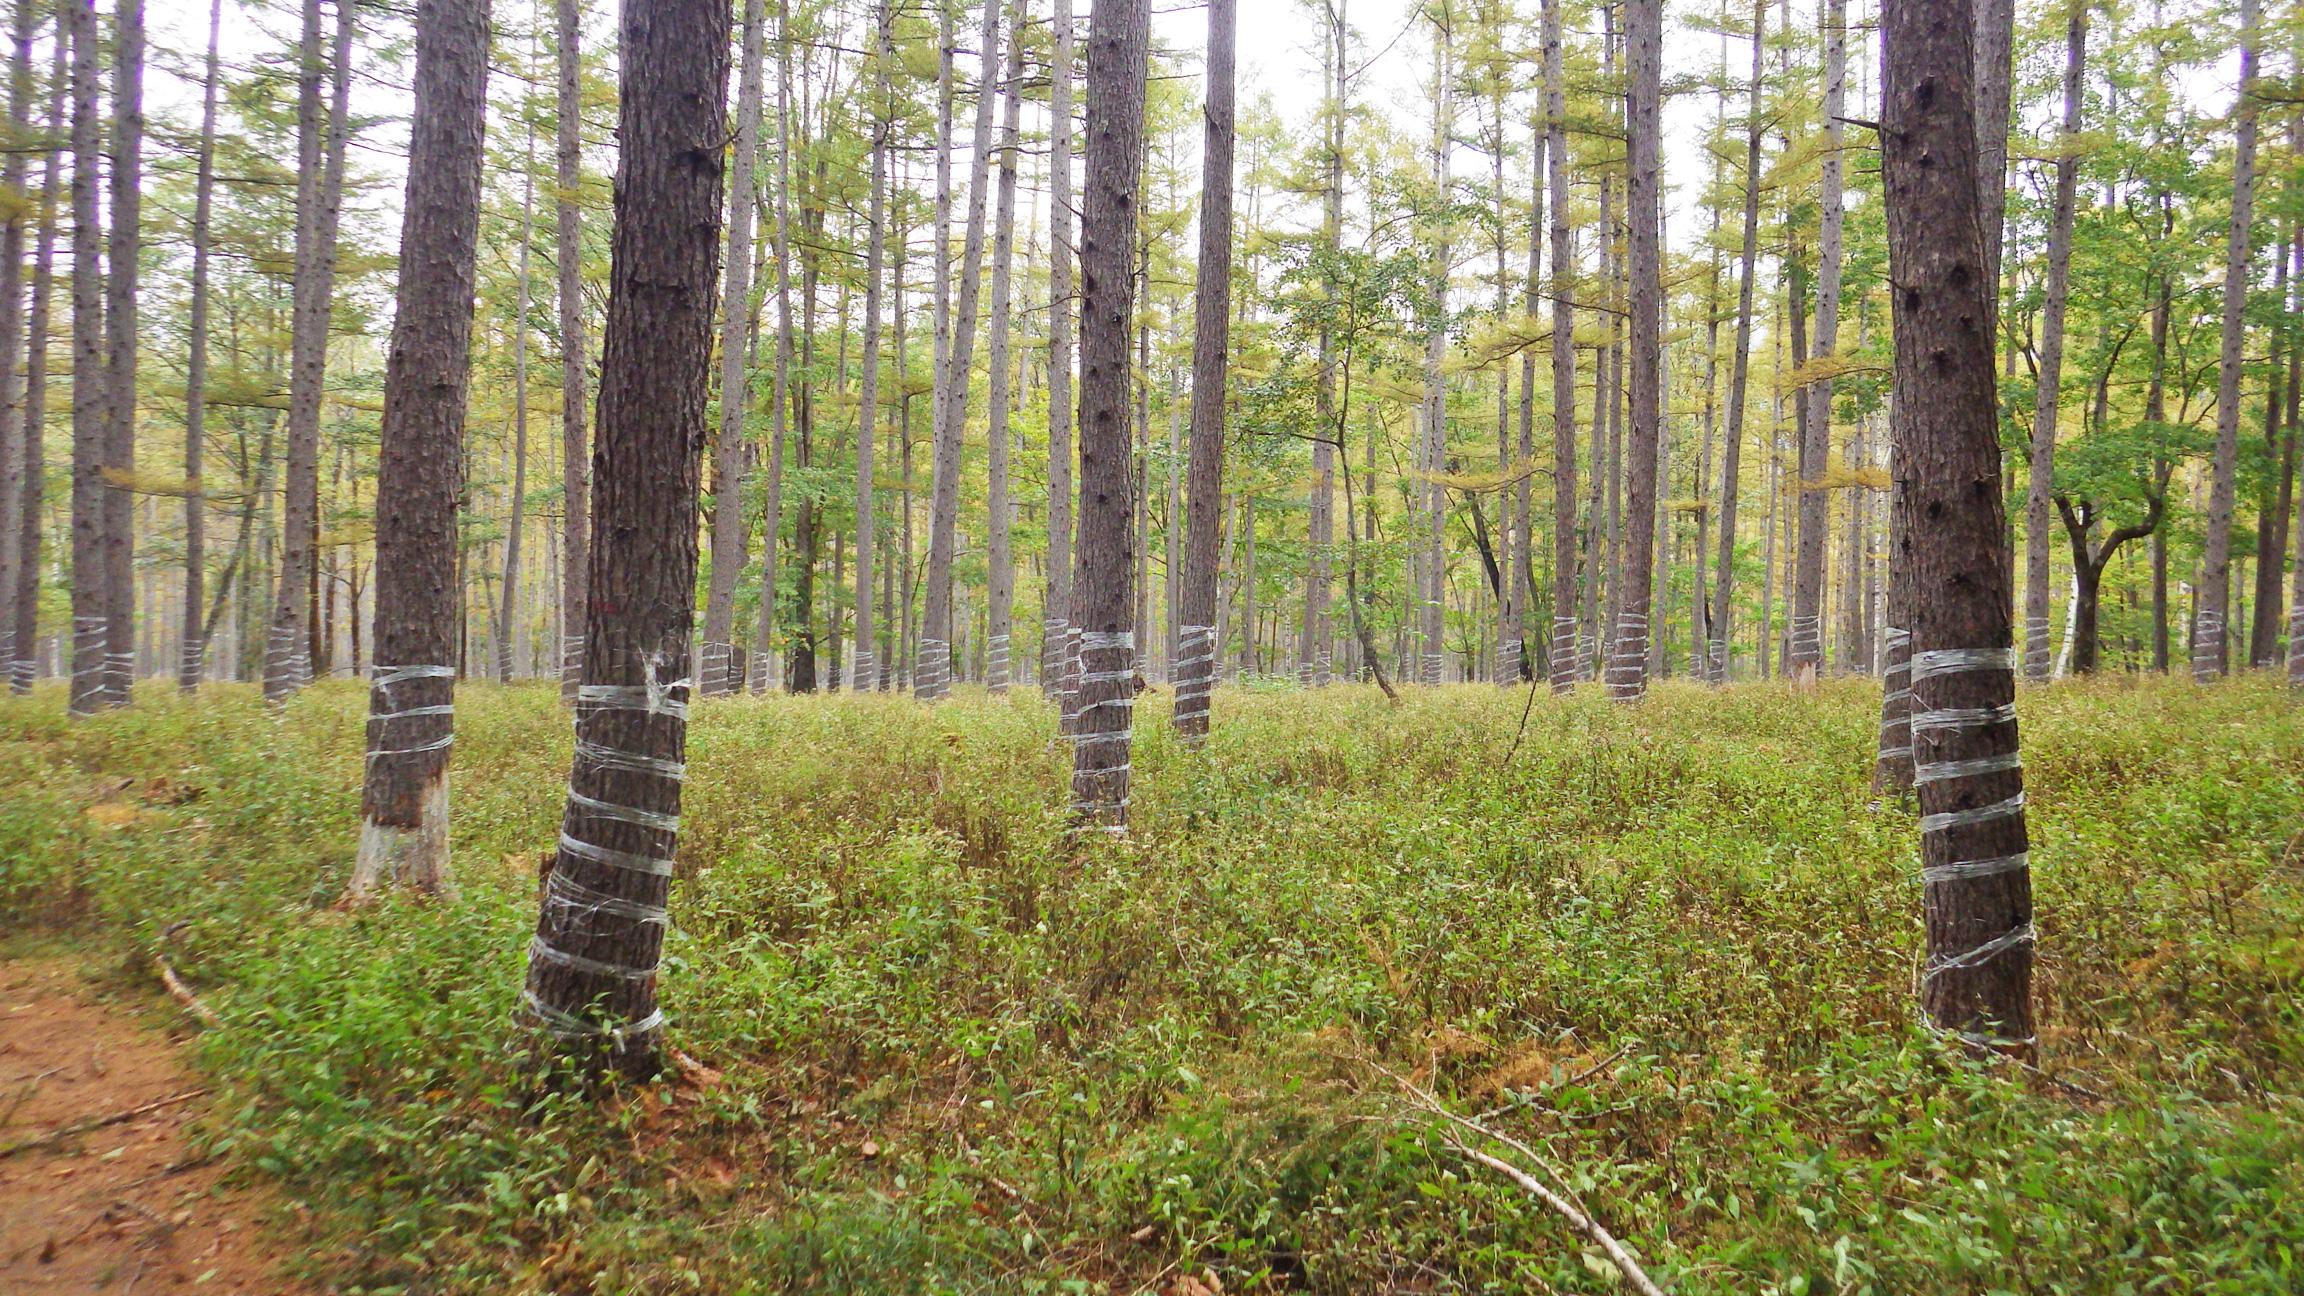 鹿による樹皮剥ぎ防止用のぐるぐる巻き